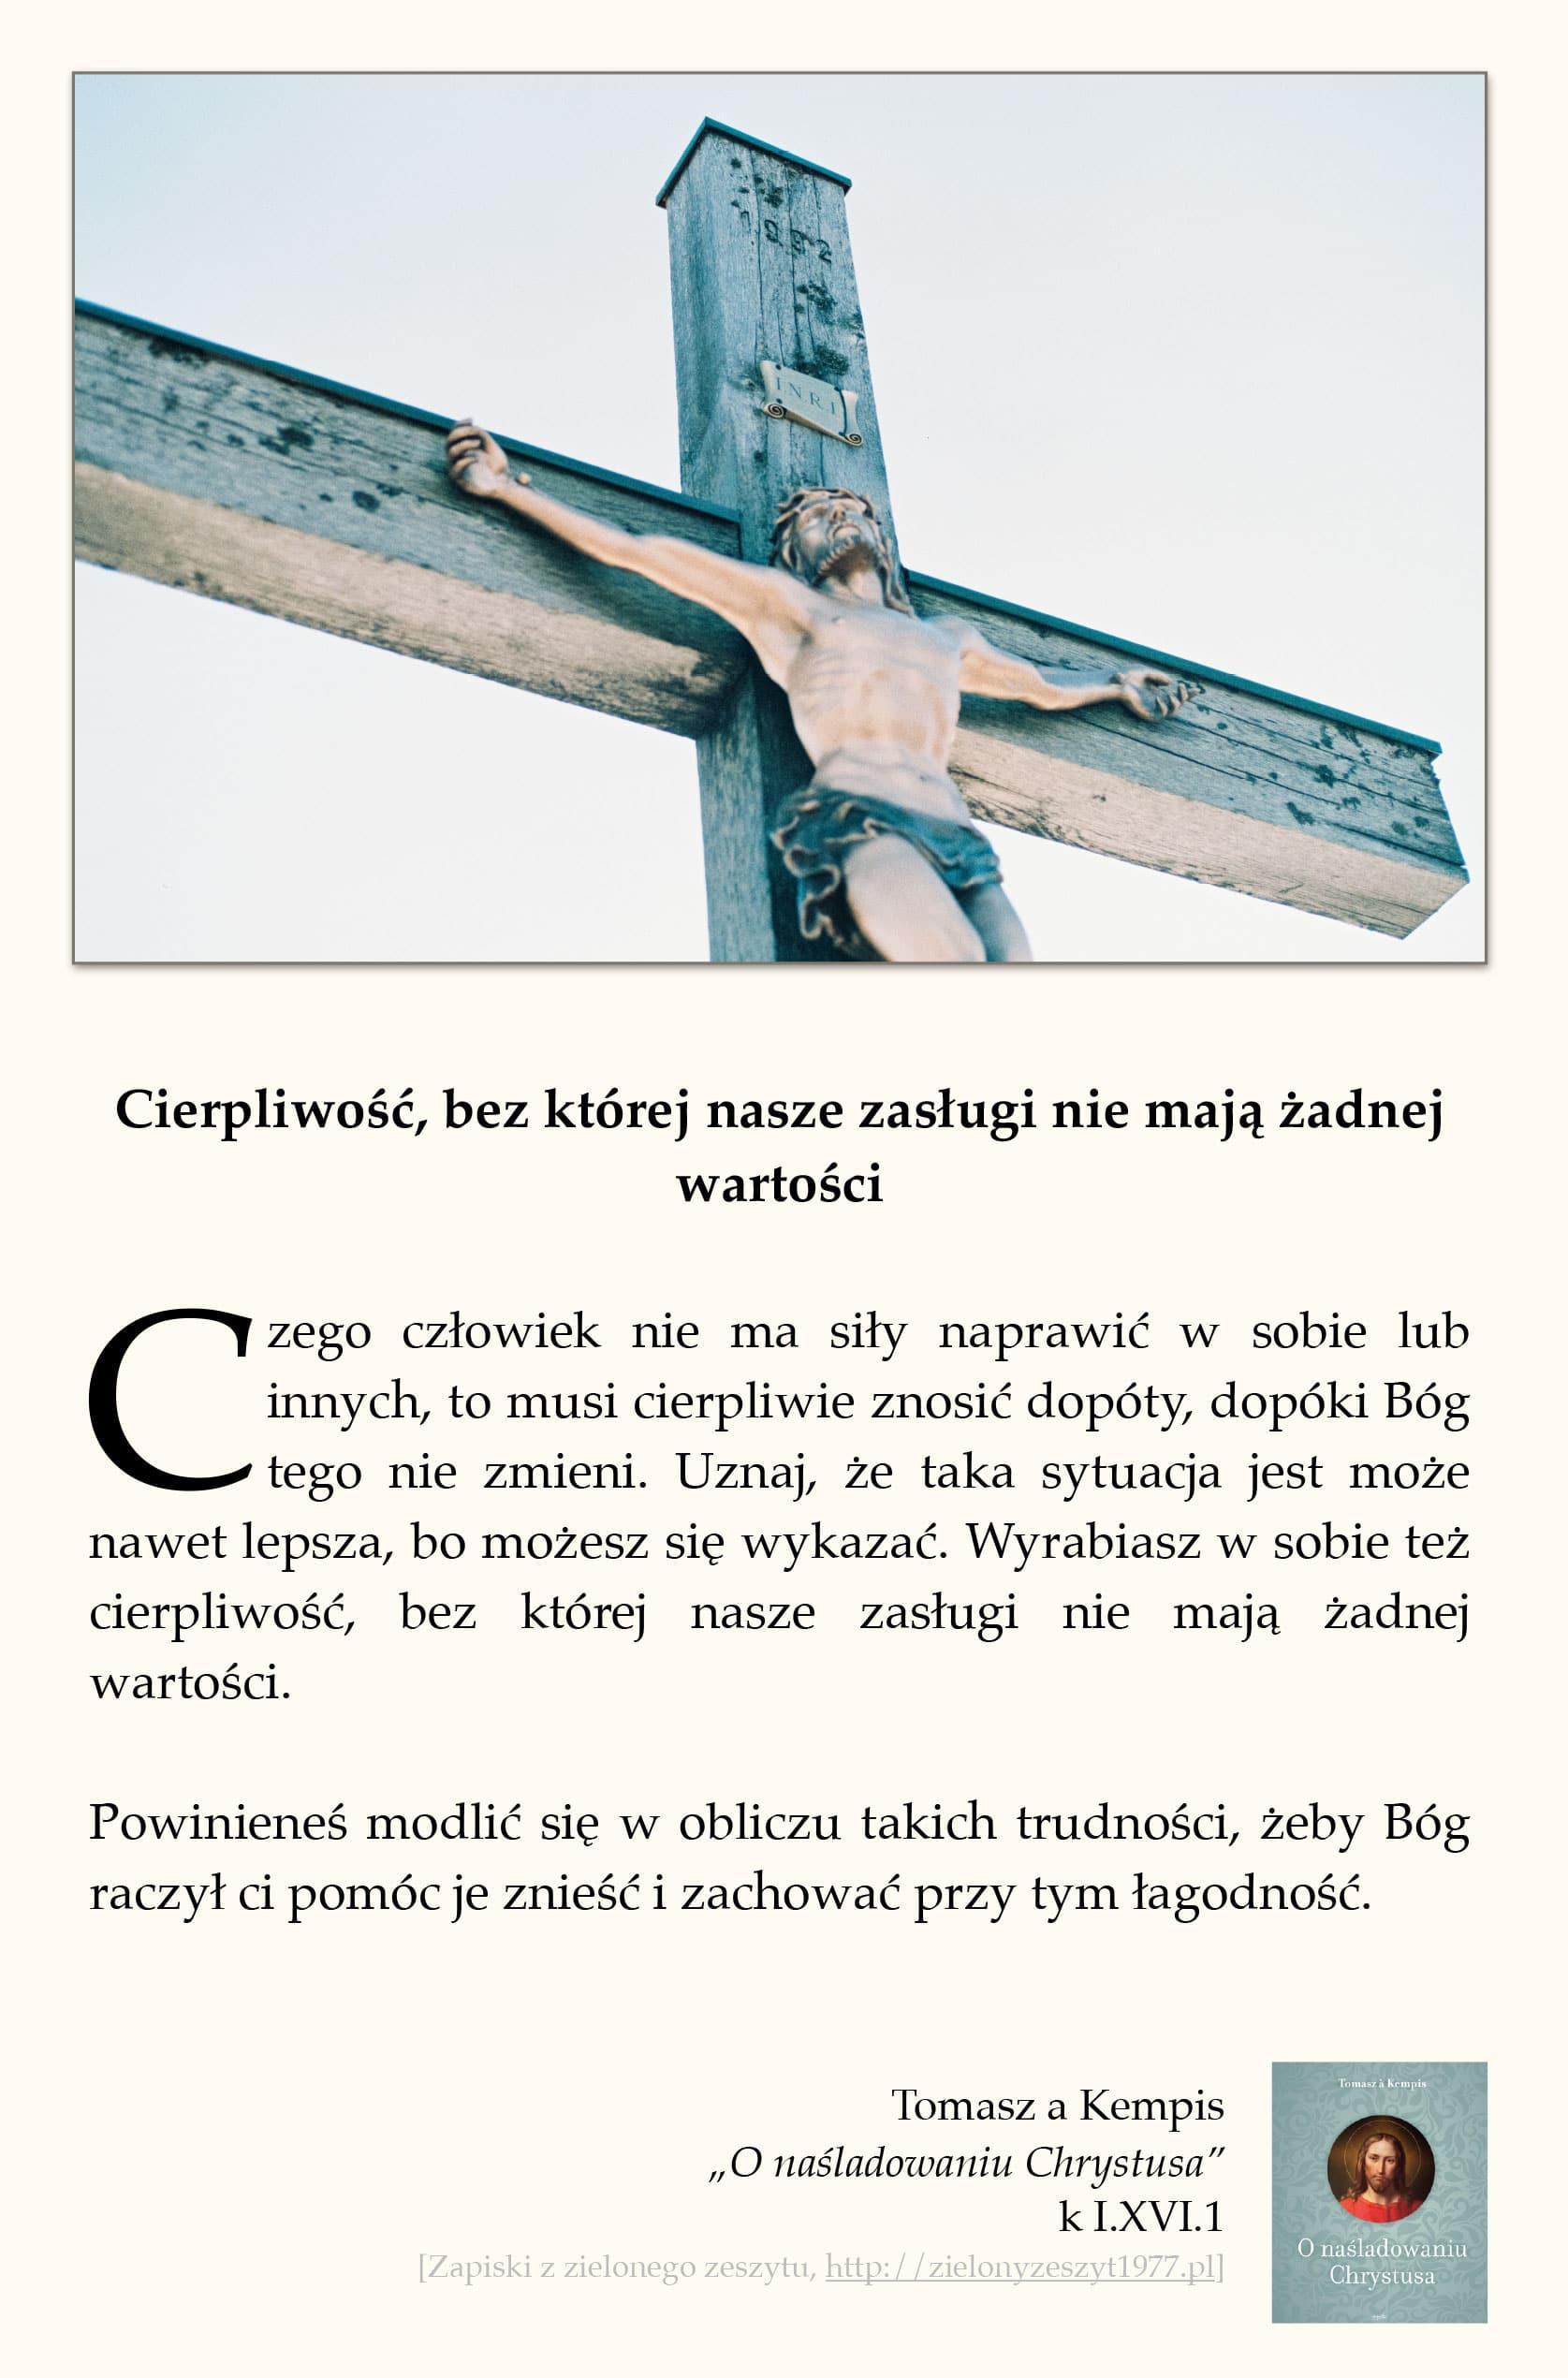 """Tomasz a Kempis, """"O naśladowaniu Chrystusa"""", k I.XV.3 (Niech we wszystkim przejawia się chwała Boga)"""